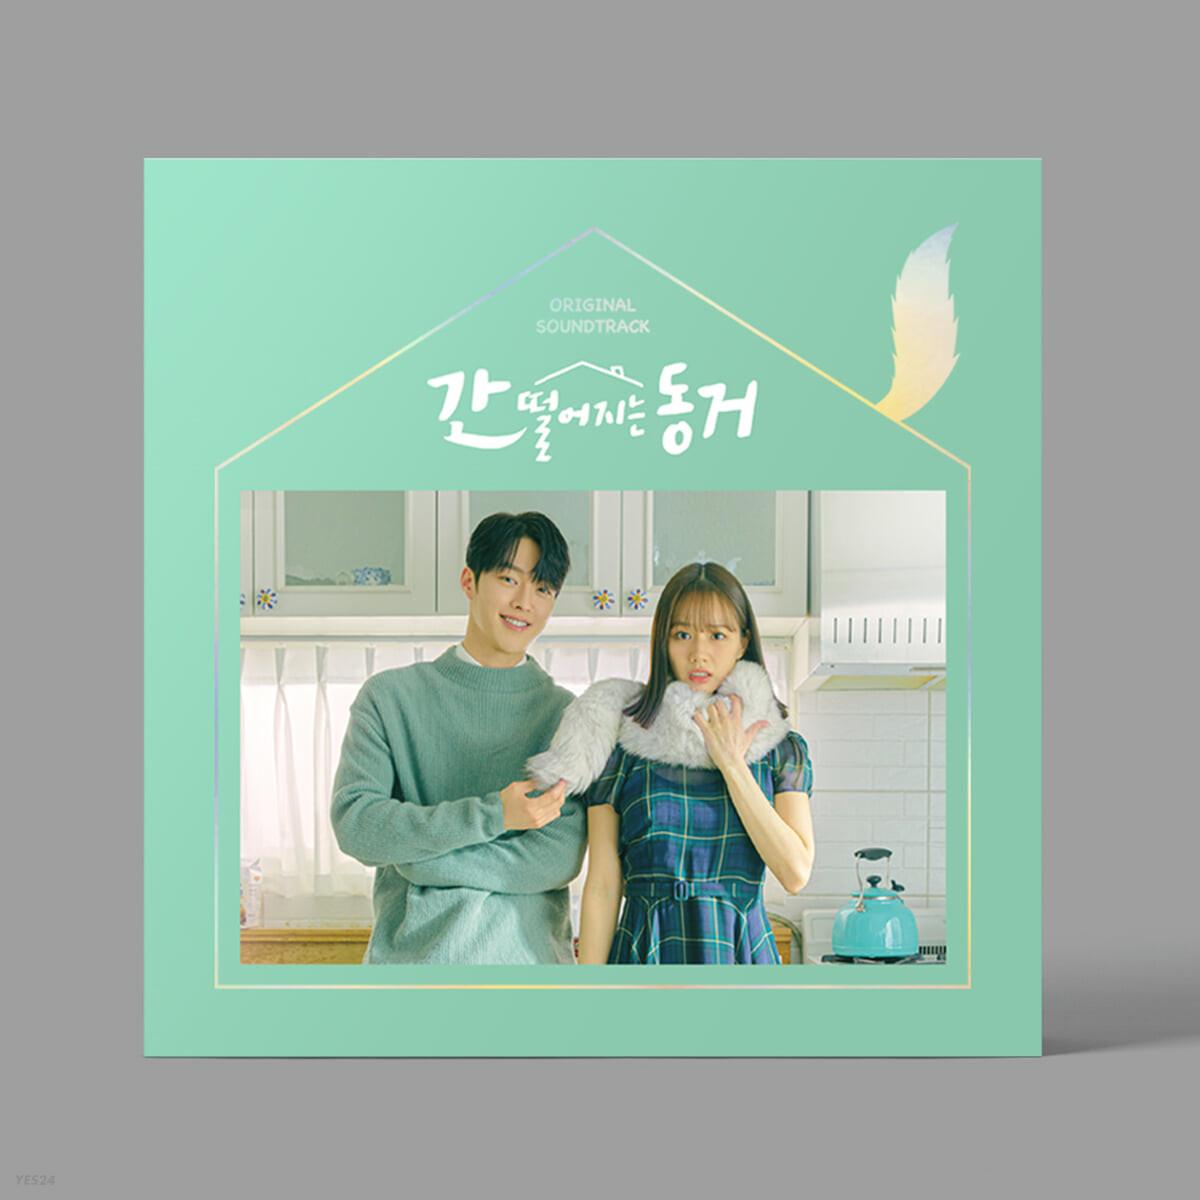 간 떨어지는 동거 (tvN 수목드라마) OST